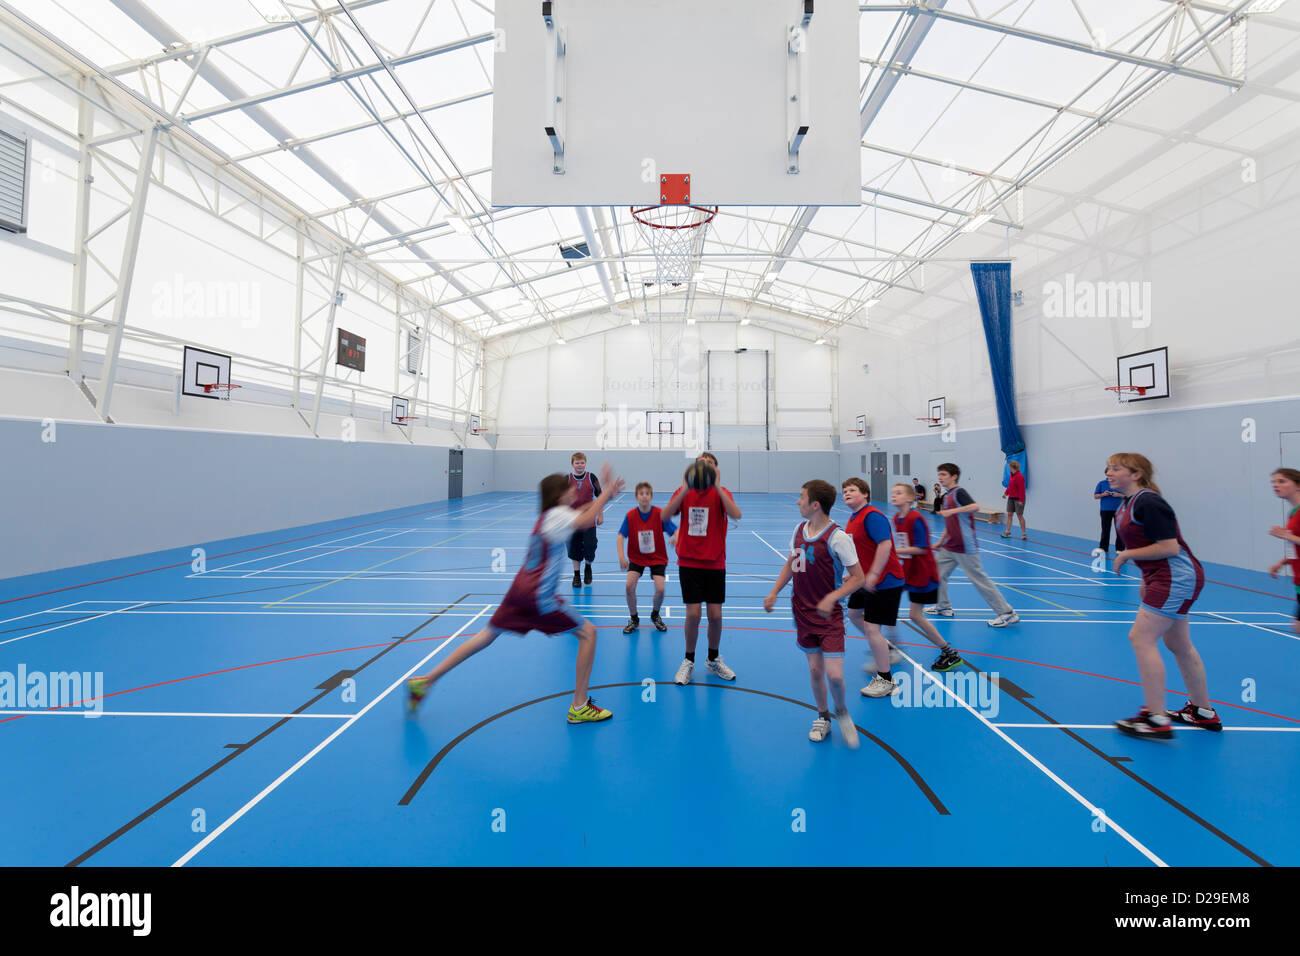 Les enfants à l'intérieur de l'école de basket-ball palying sports hall Photo Stock